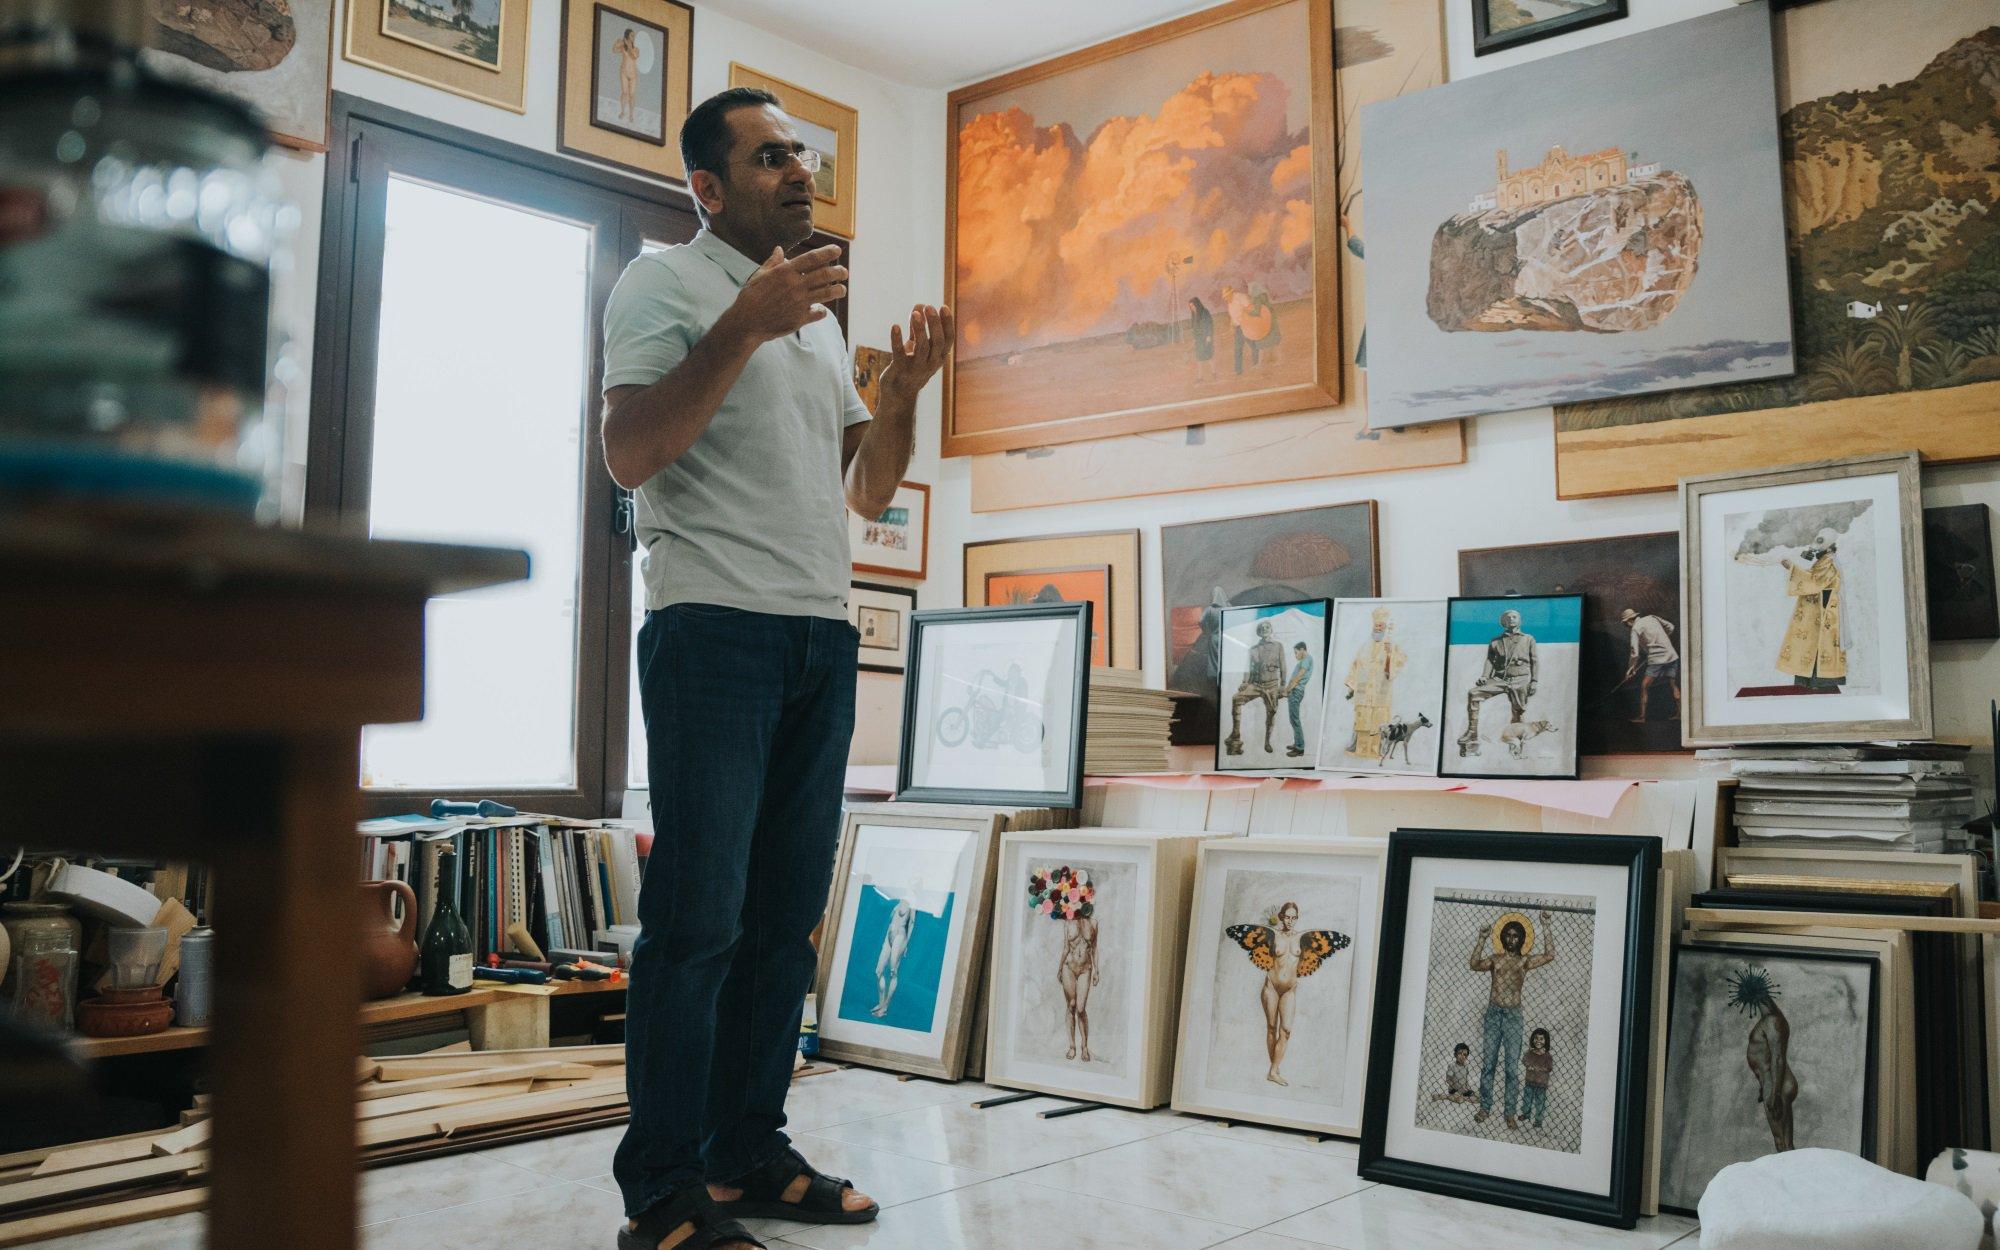 Κινδυνεύει με απόλυση ο καλλιτέχνης Γιώργος Γαβριήλ για τους πίνακες που  ενόχλησαν το Υπ. Παιδείας